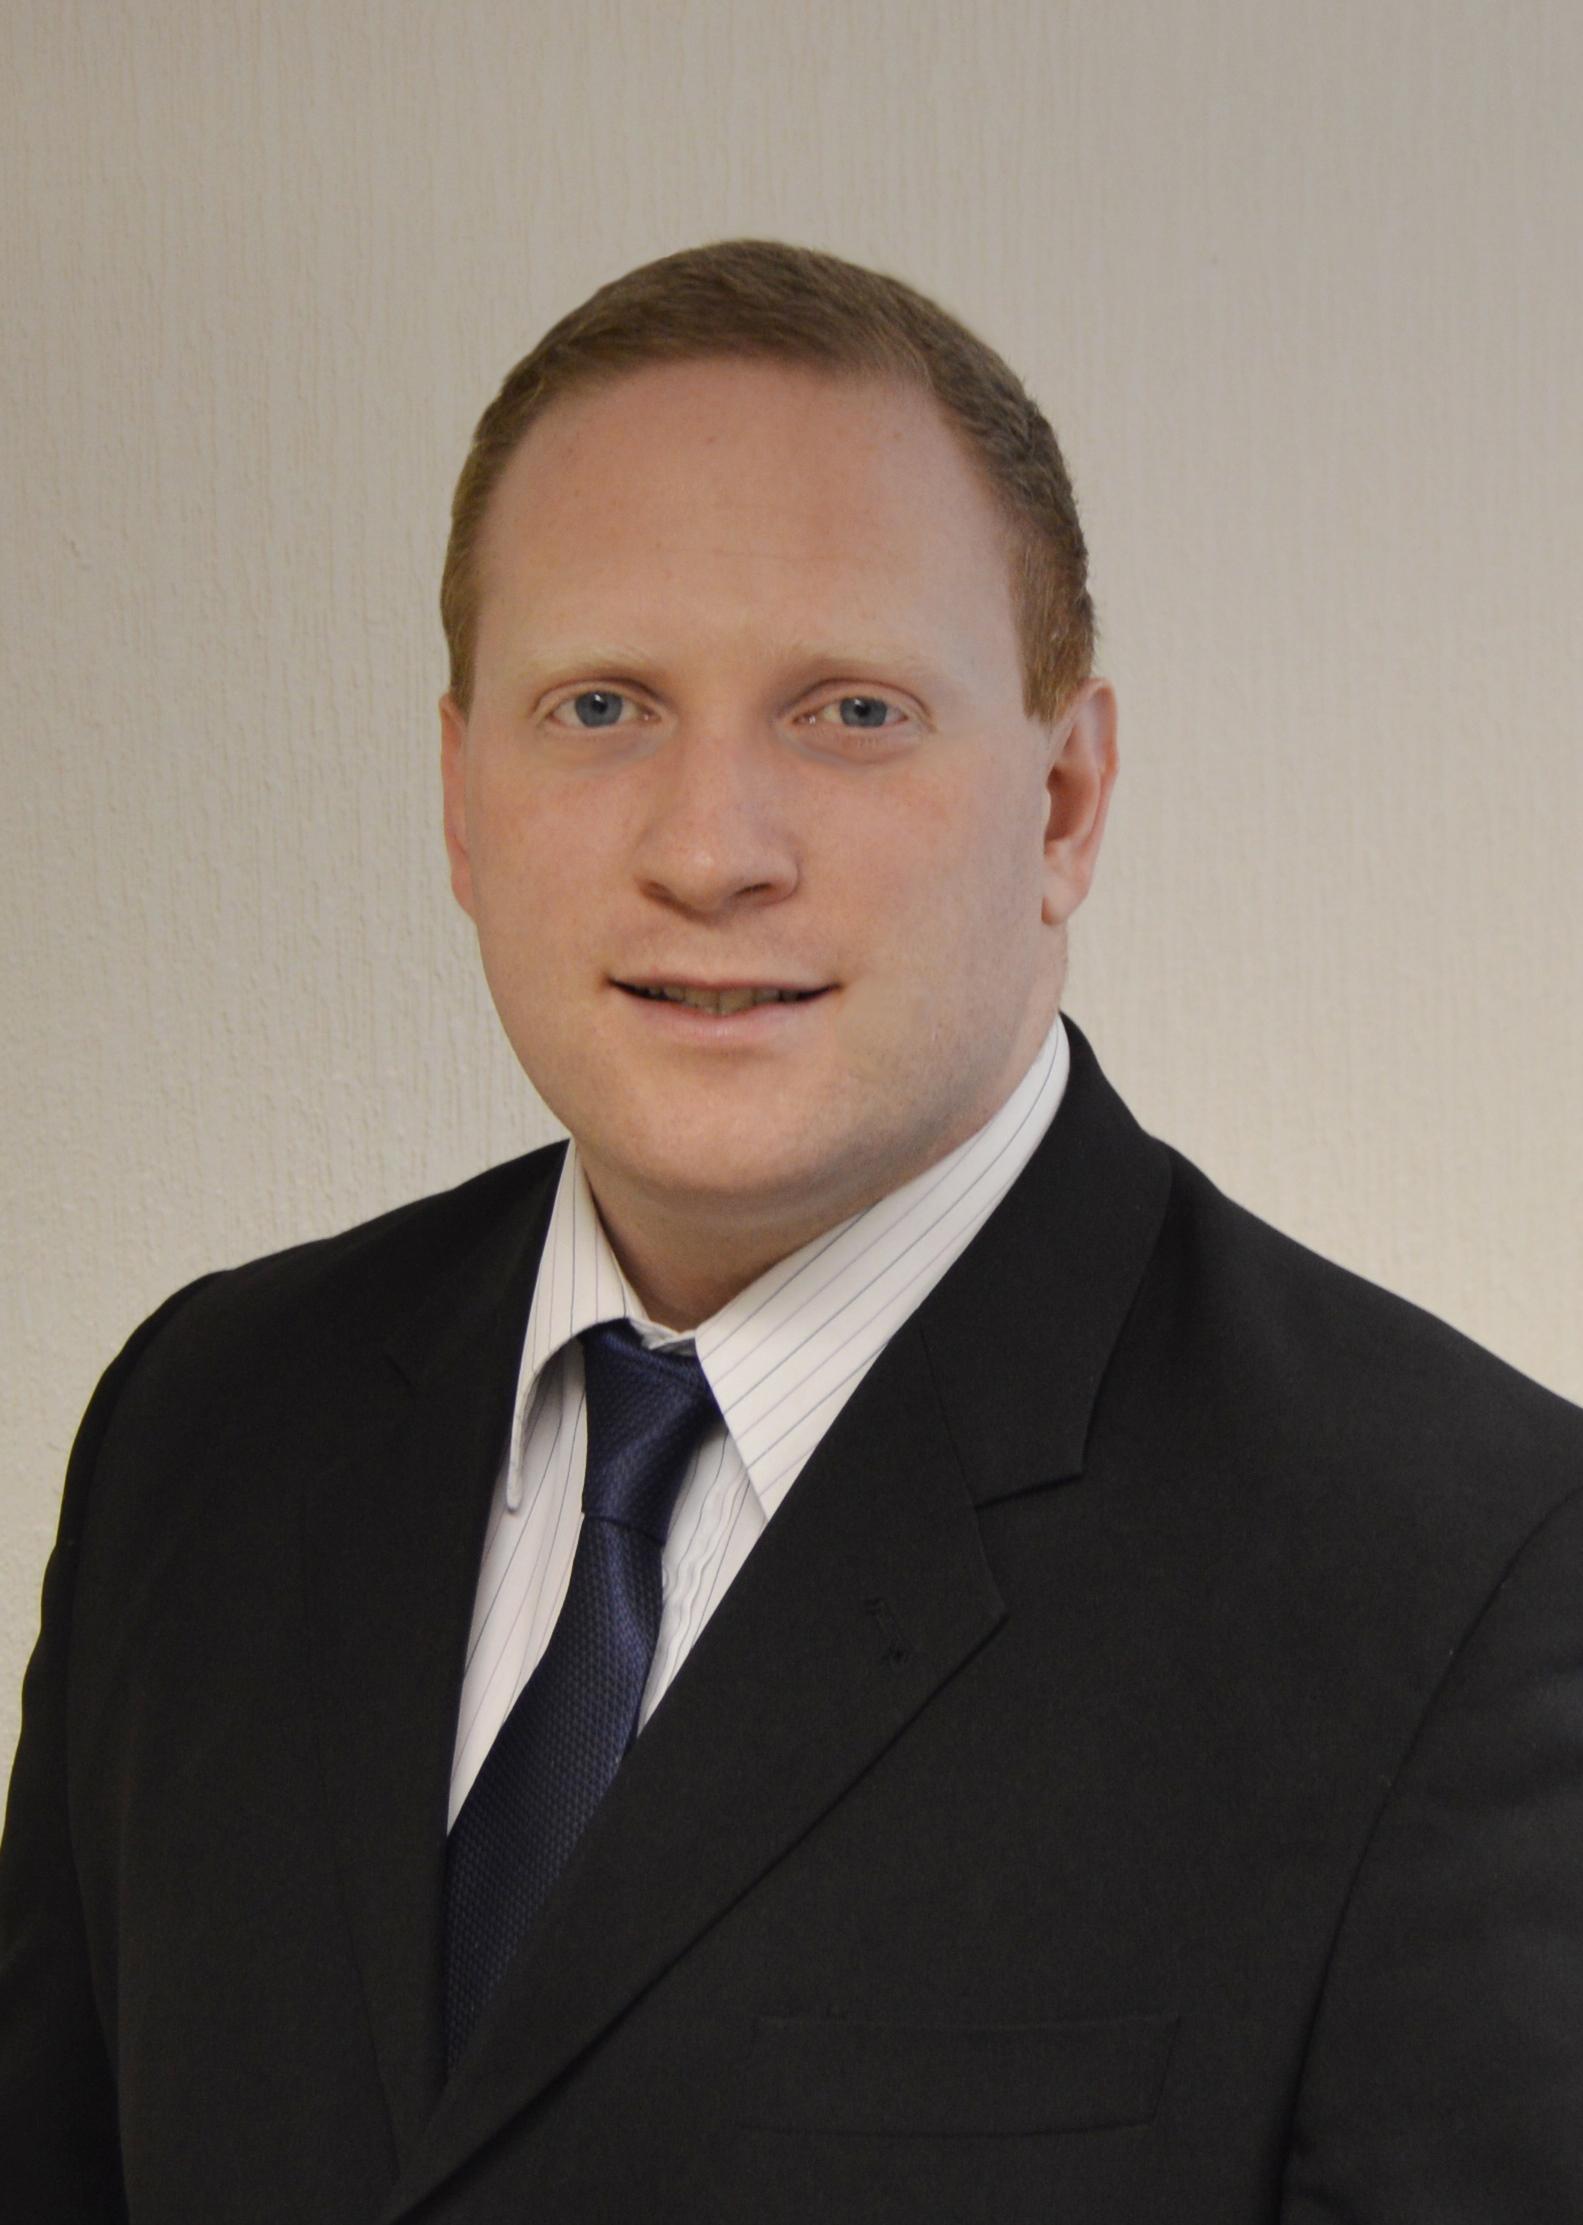 Nathan Skelton